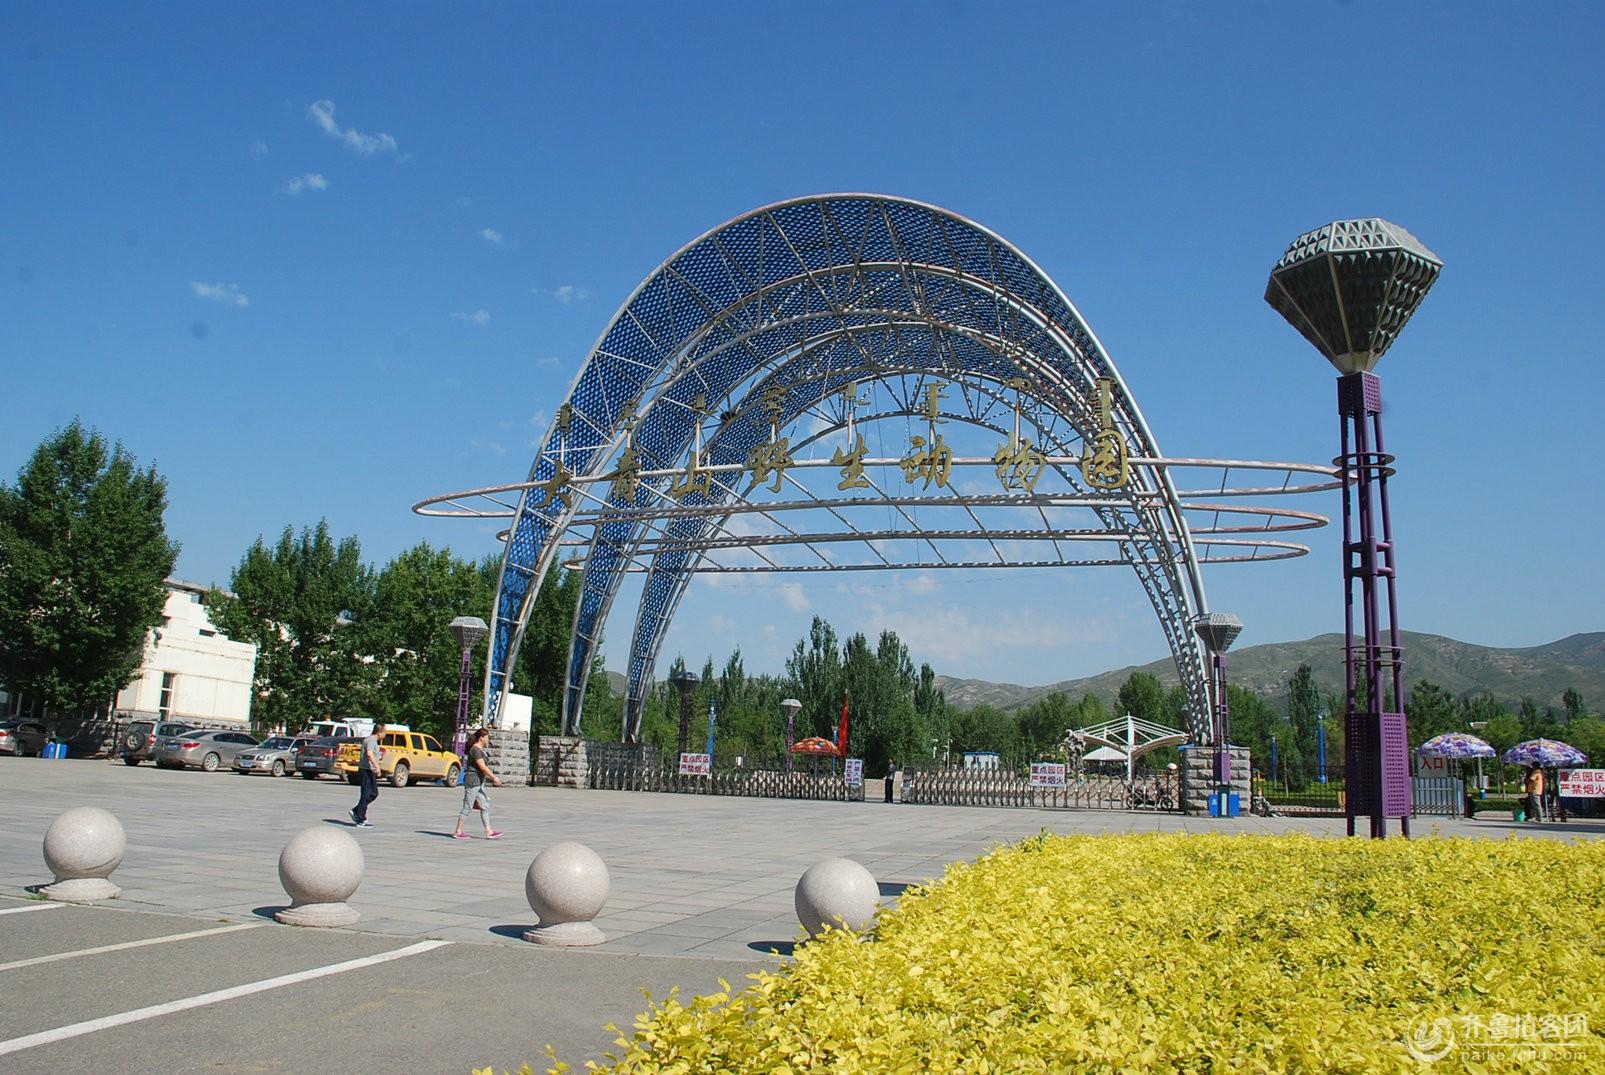 大青山野生动物园 - 济宁拍客 - 齐鲁社区 - 山东最大